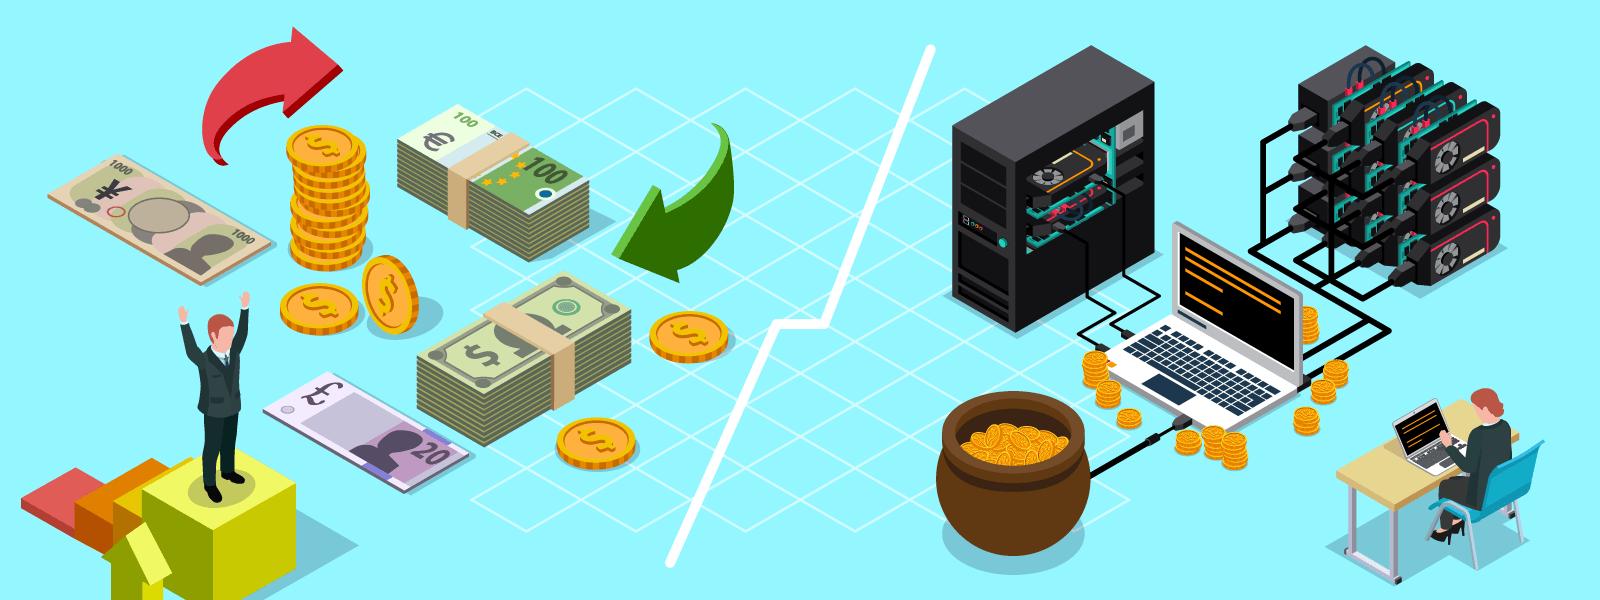 Crypto forex 101